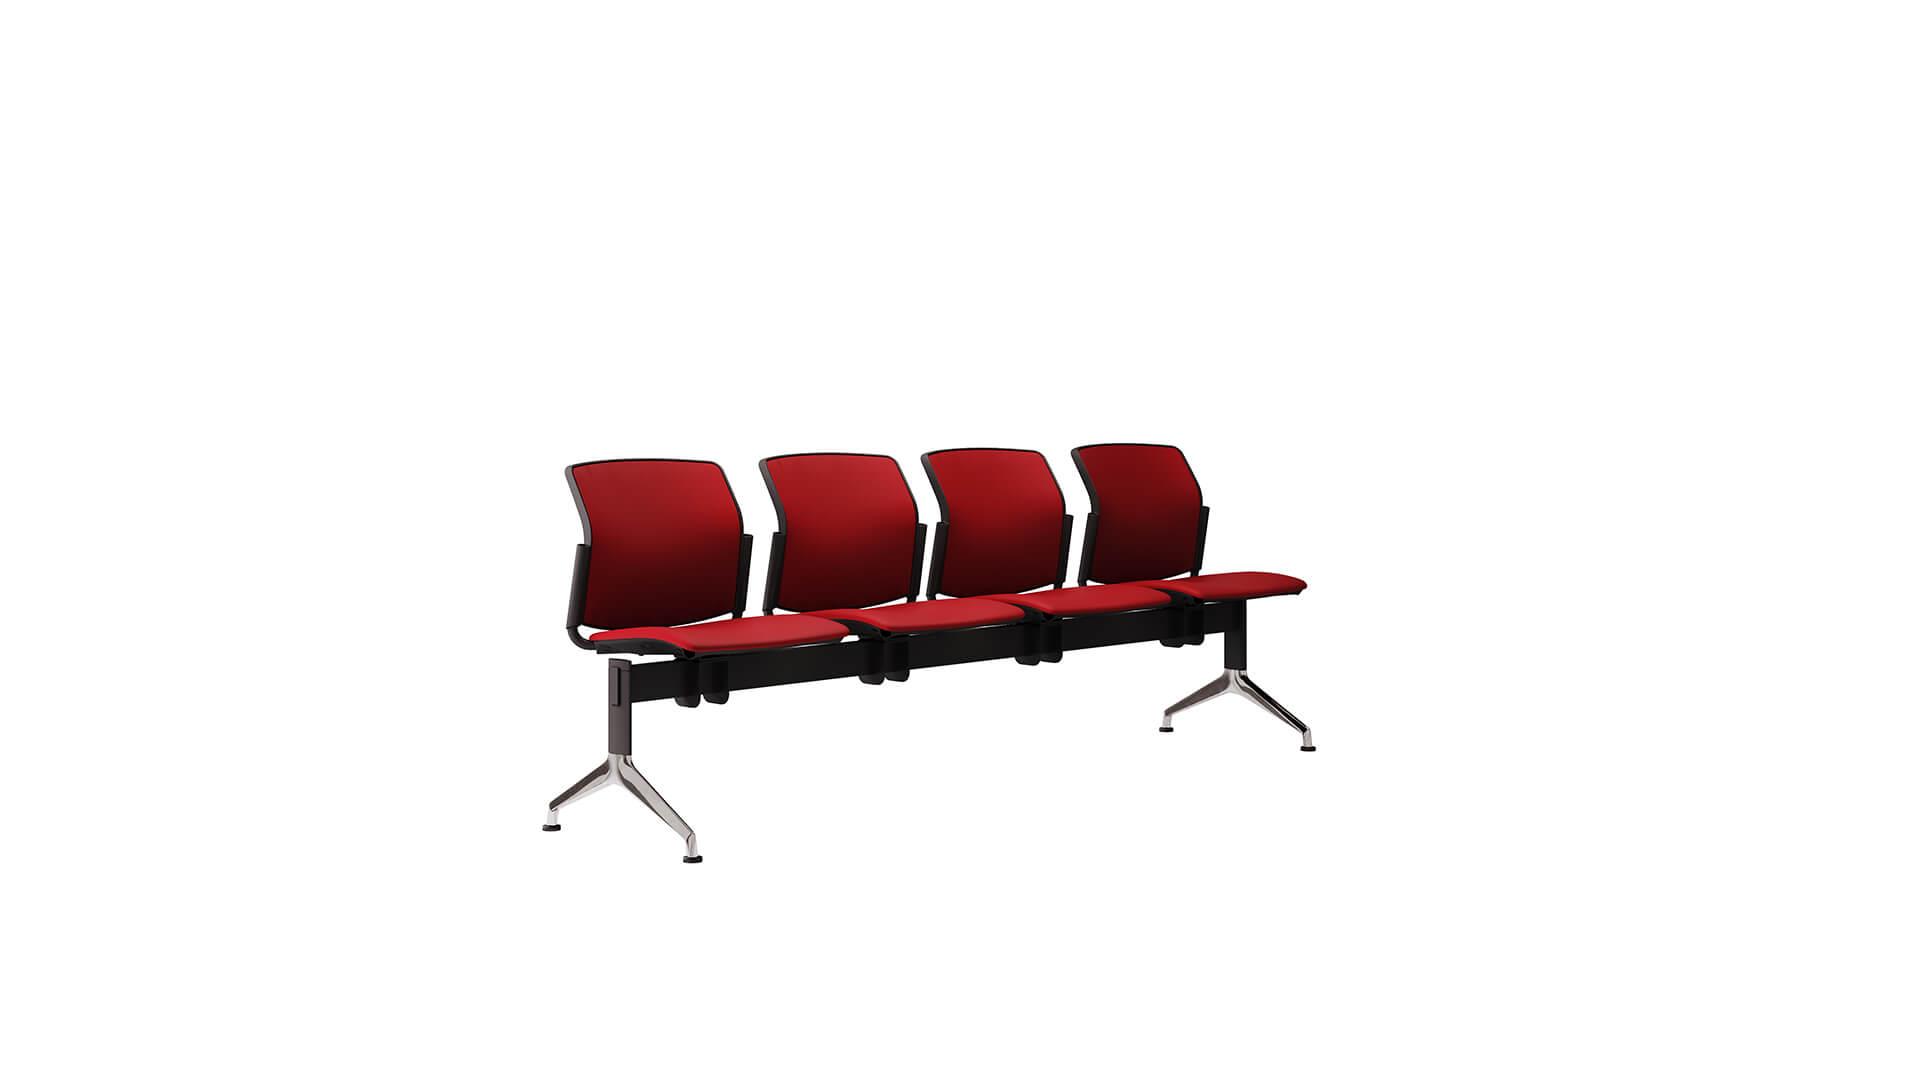 bancada de 4 asientos en linea